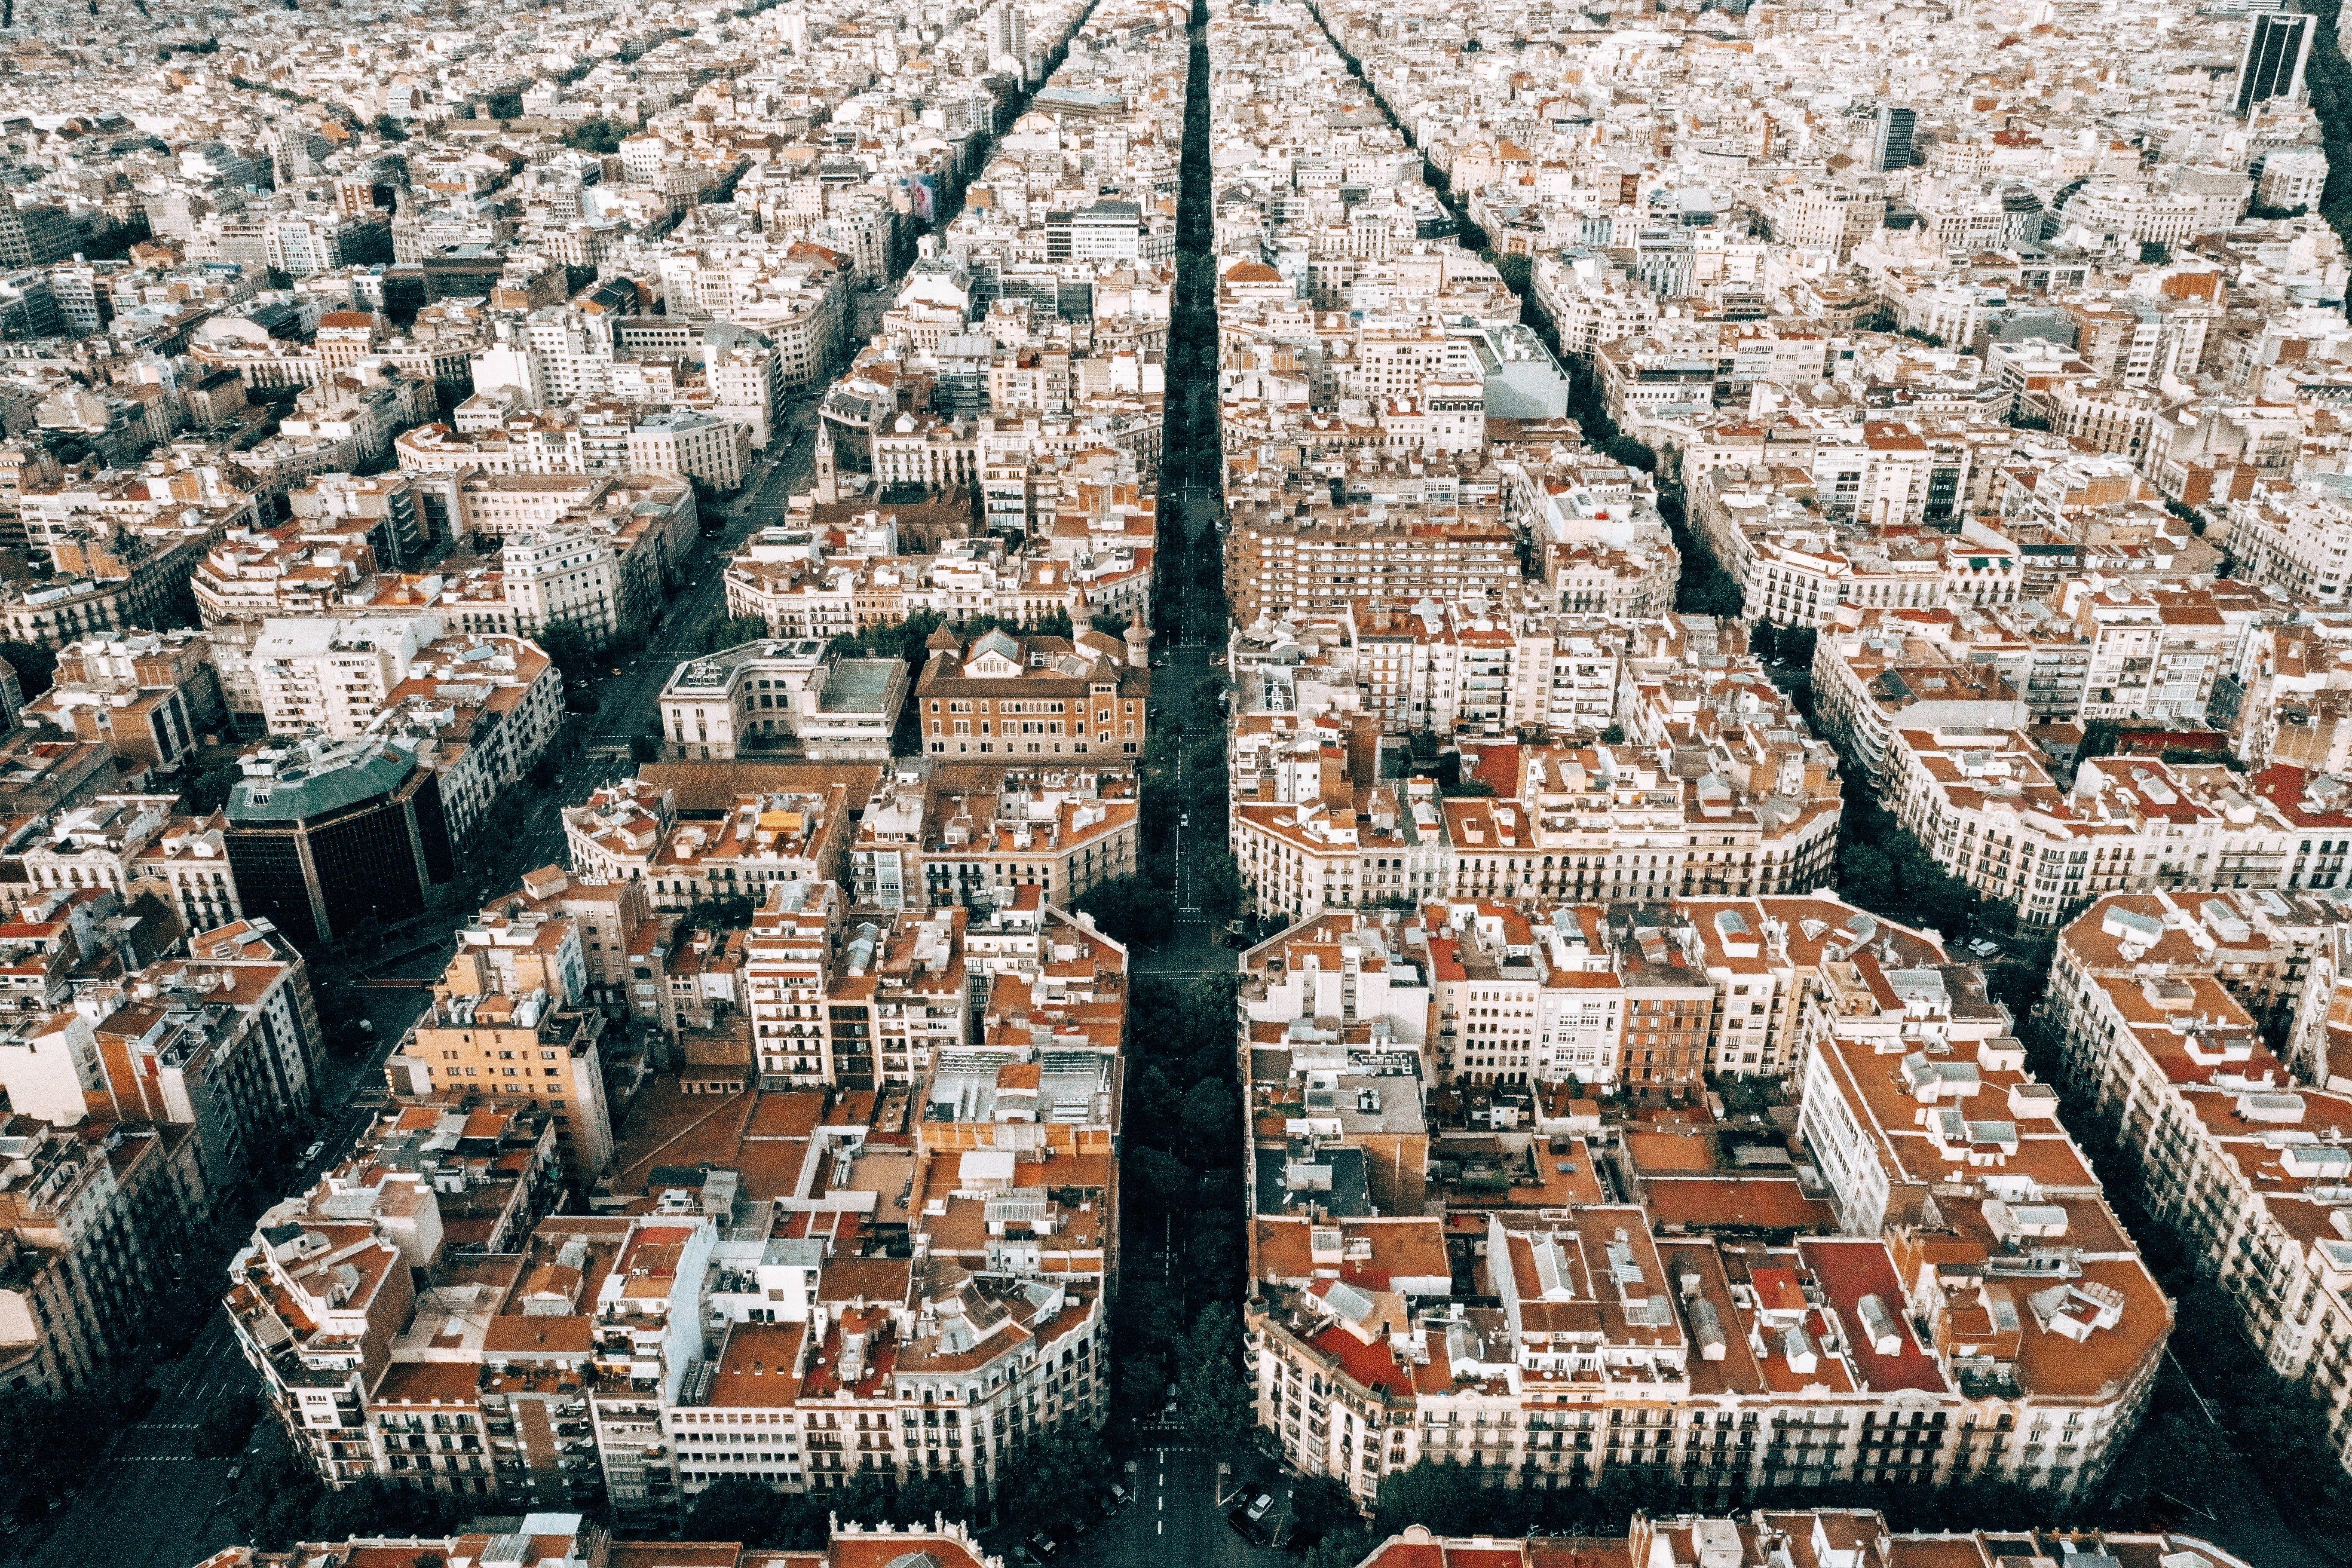 Vista aérea de la ciudad de Barcelona